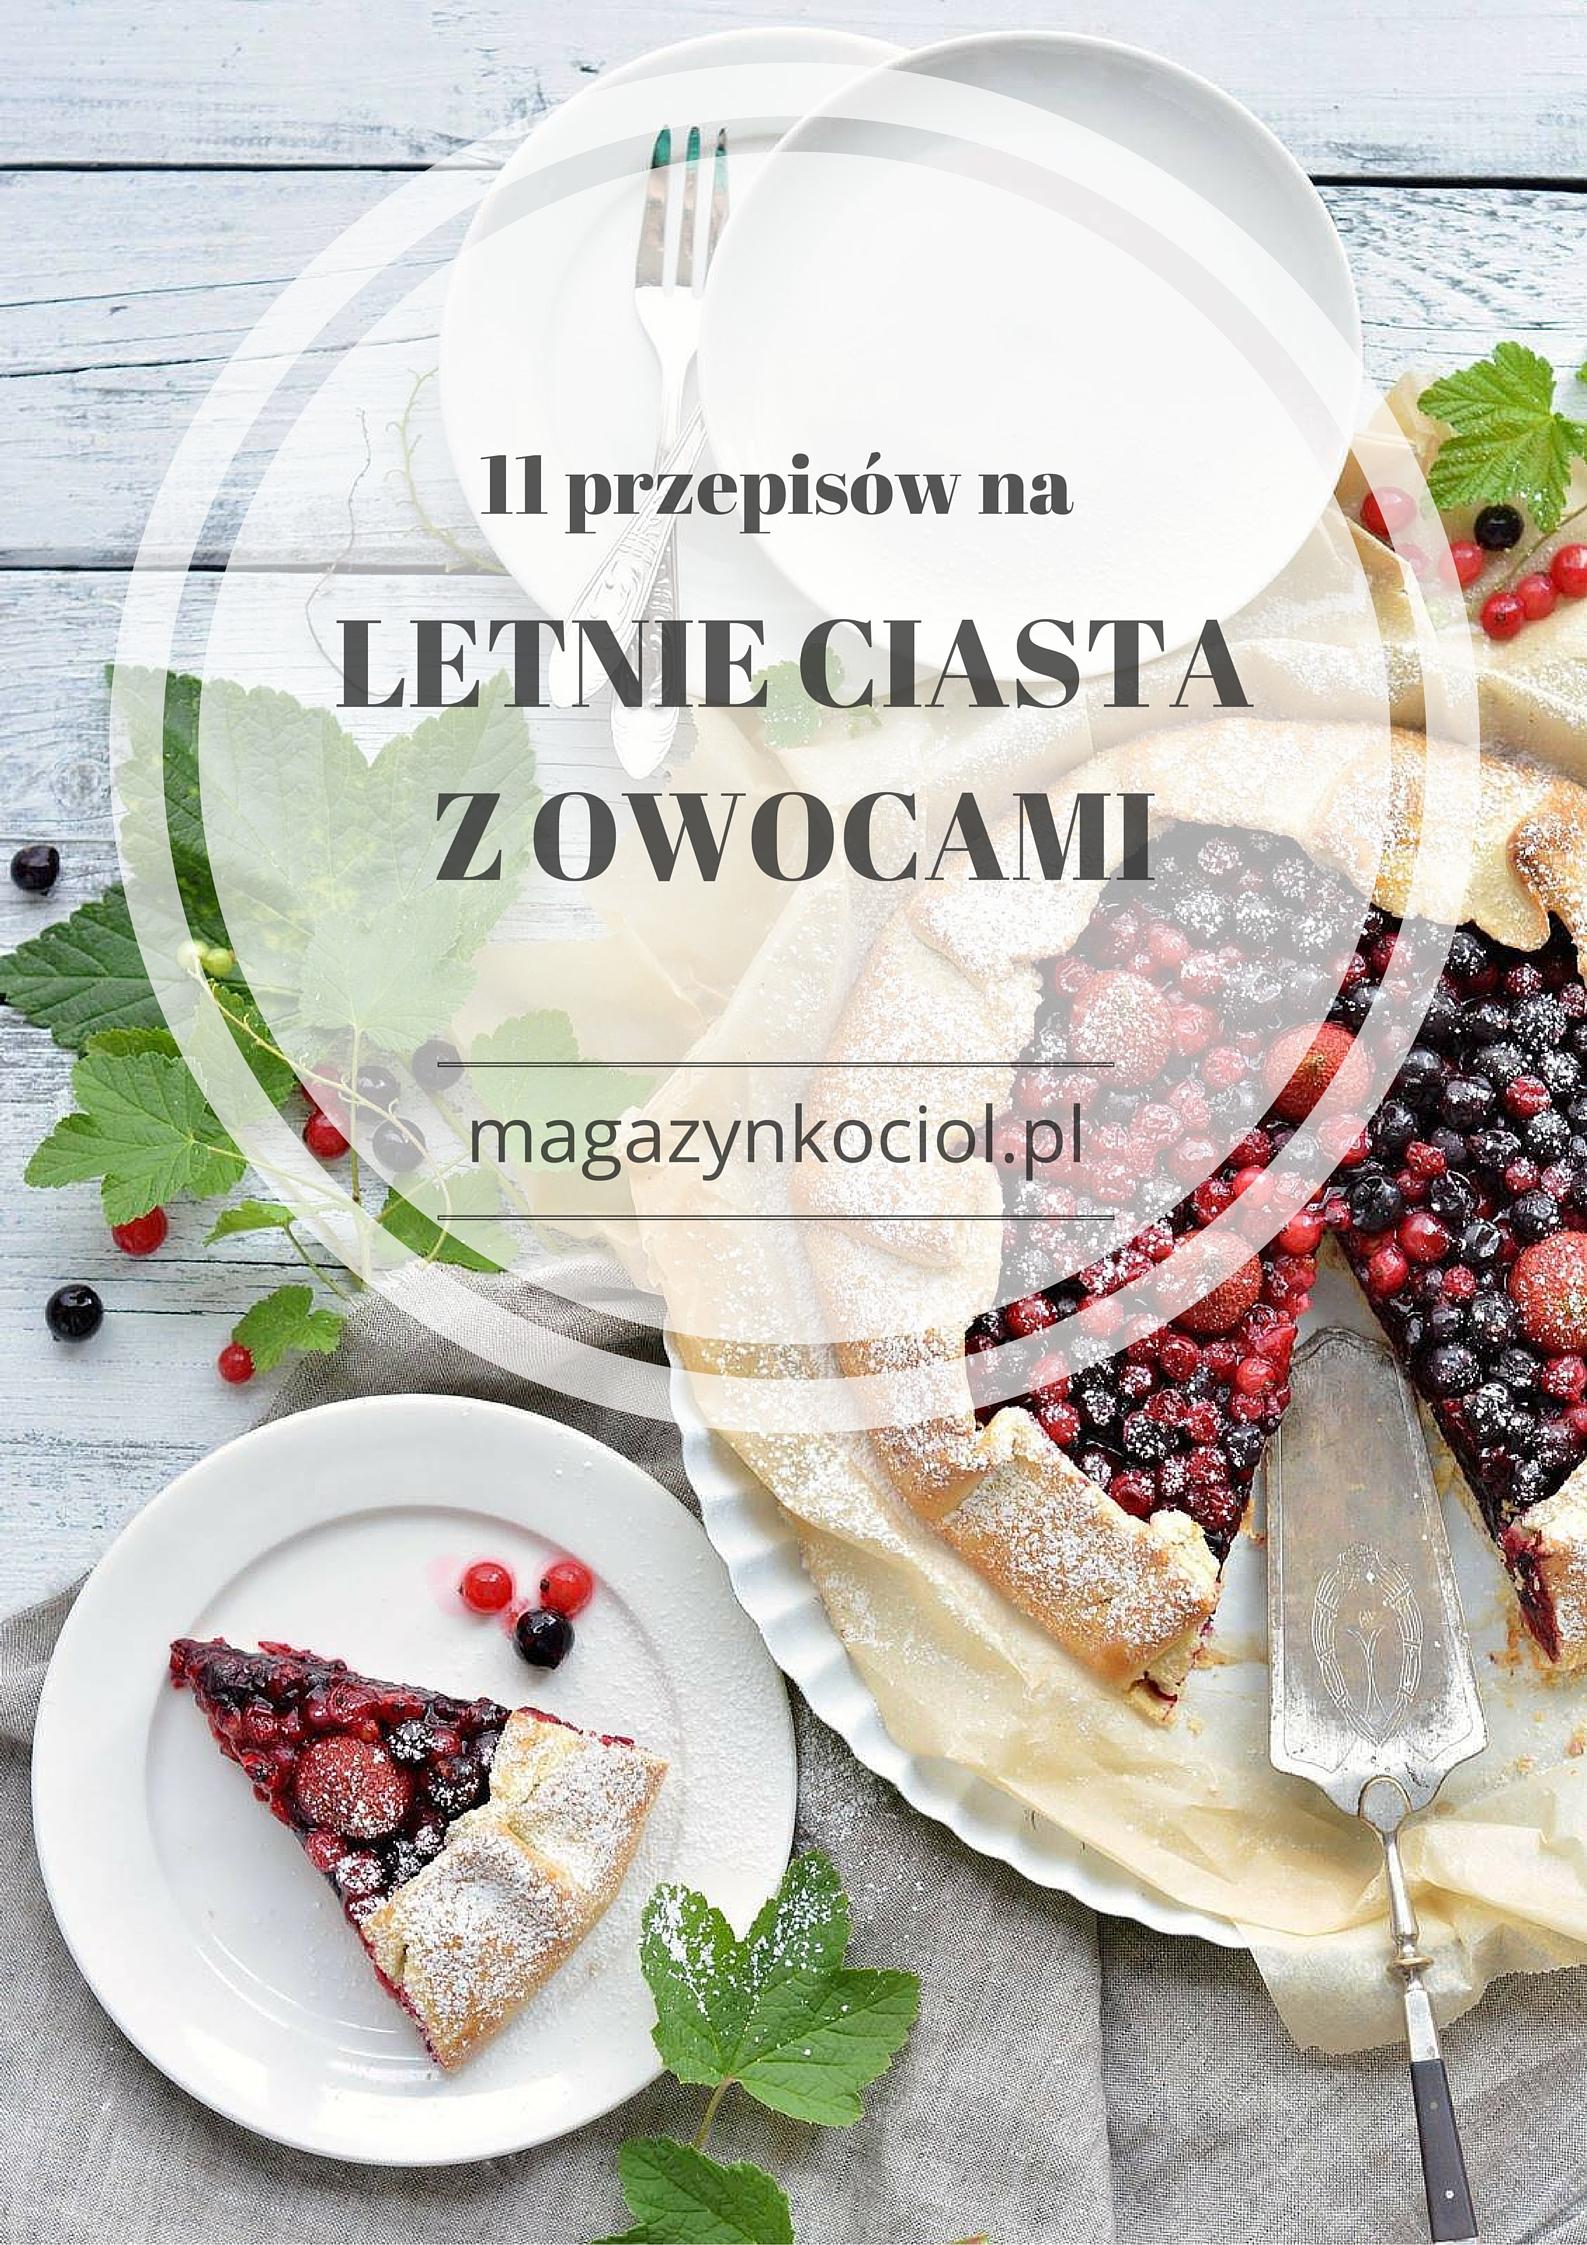 Letnie ciastaz owocami (1)